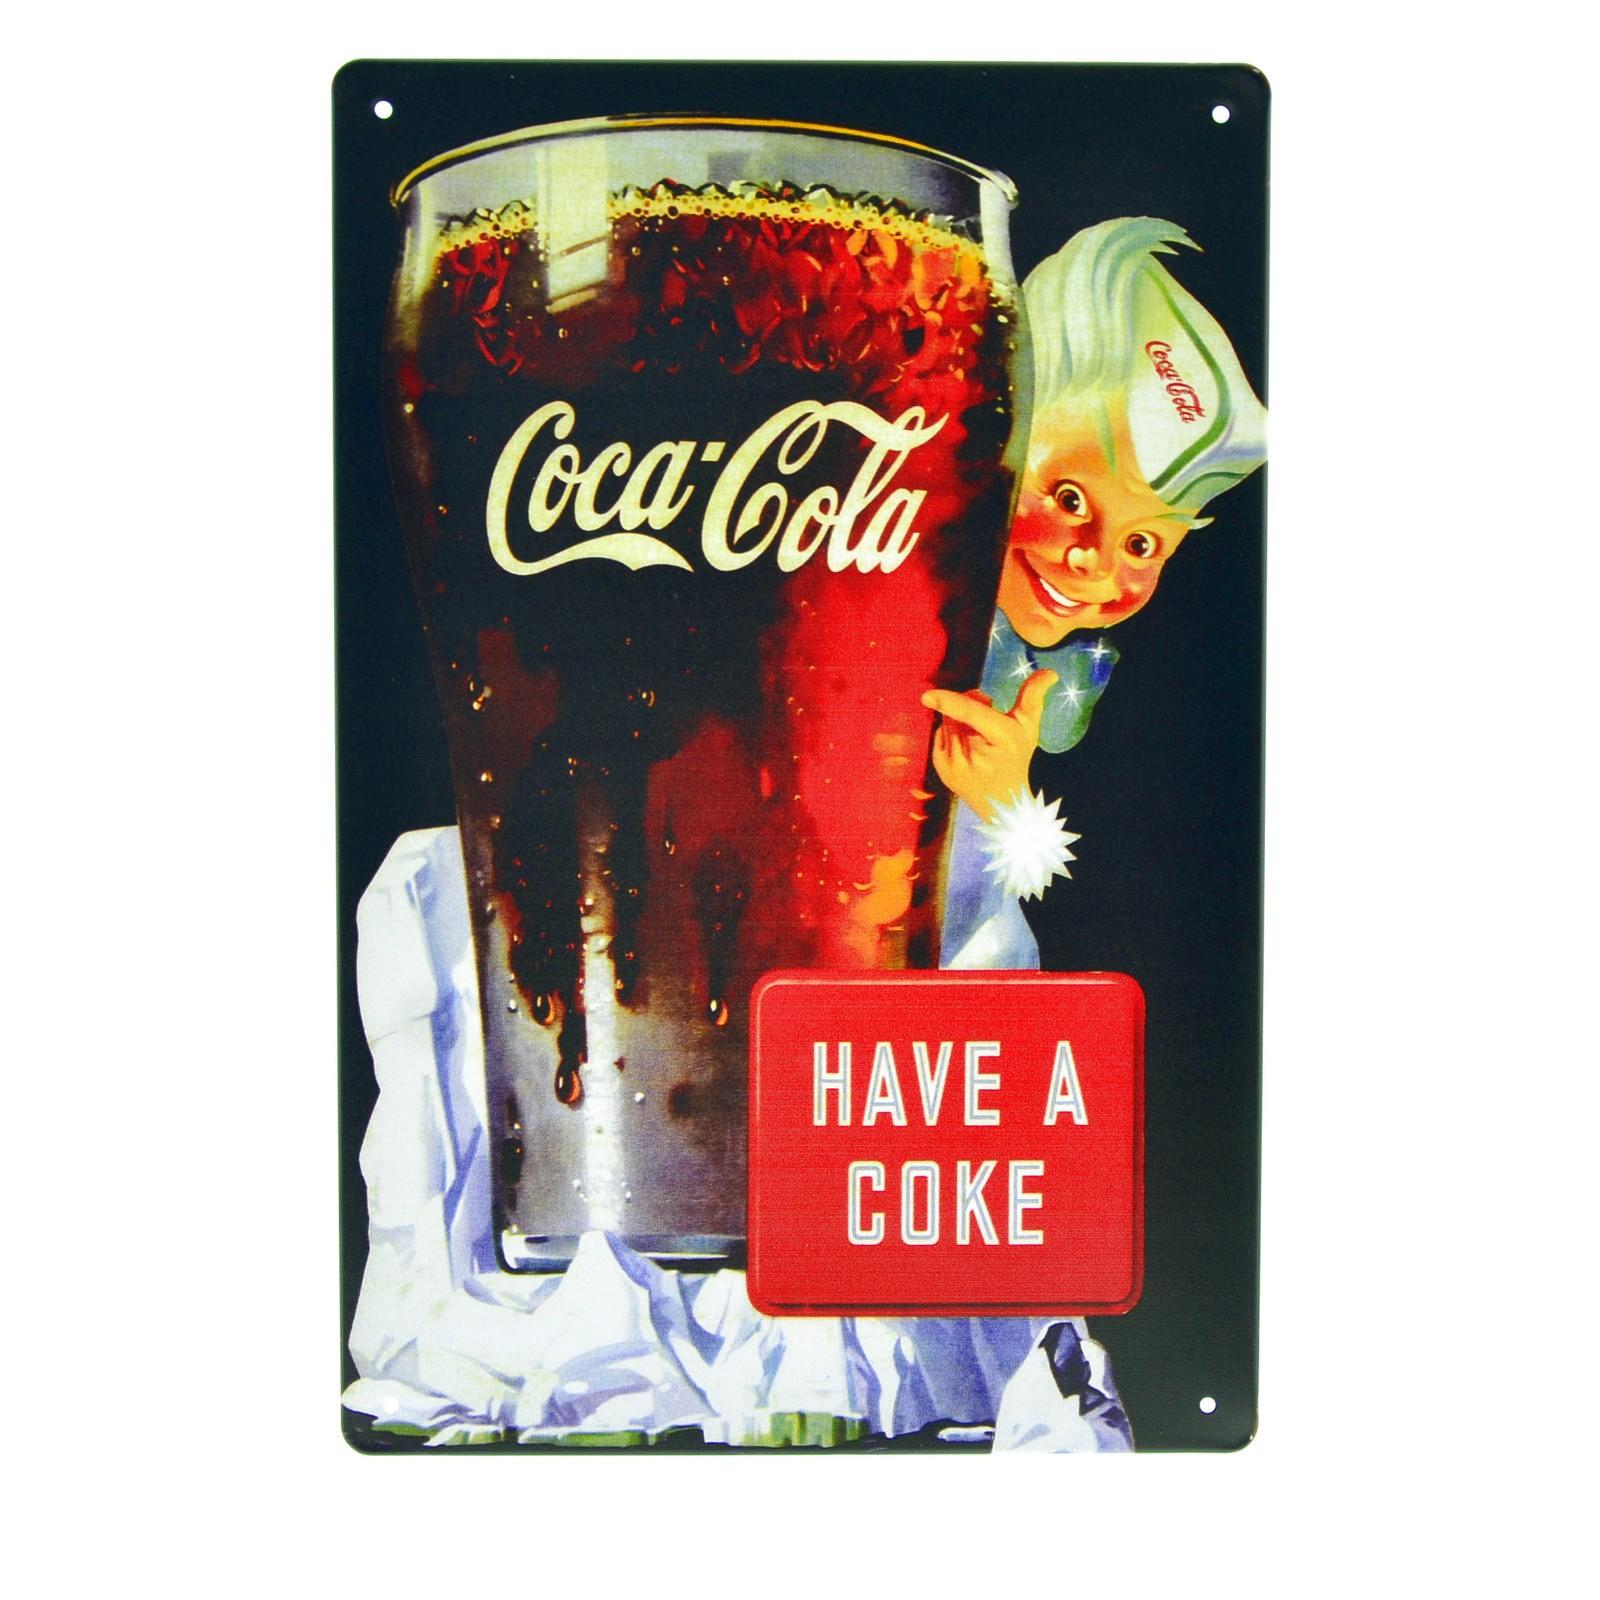 Cartel Metálico de Have a coke